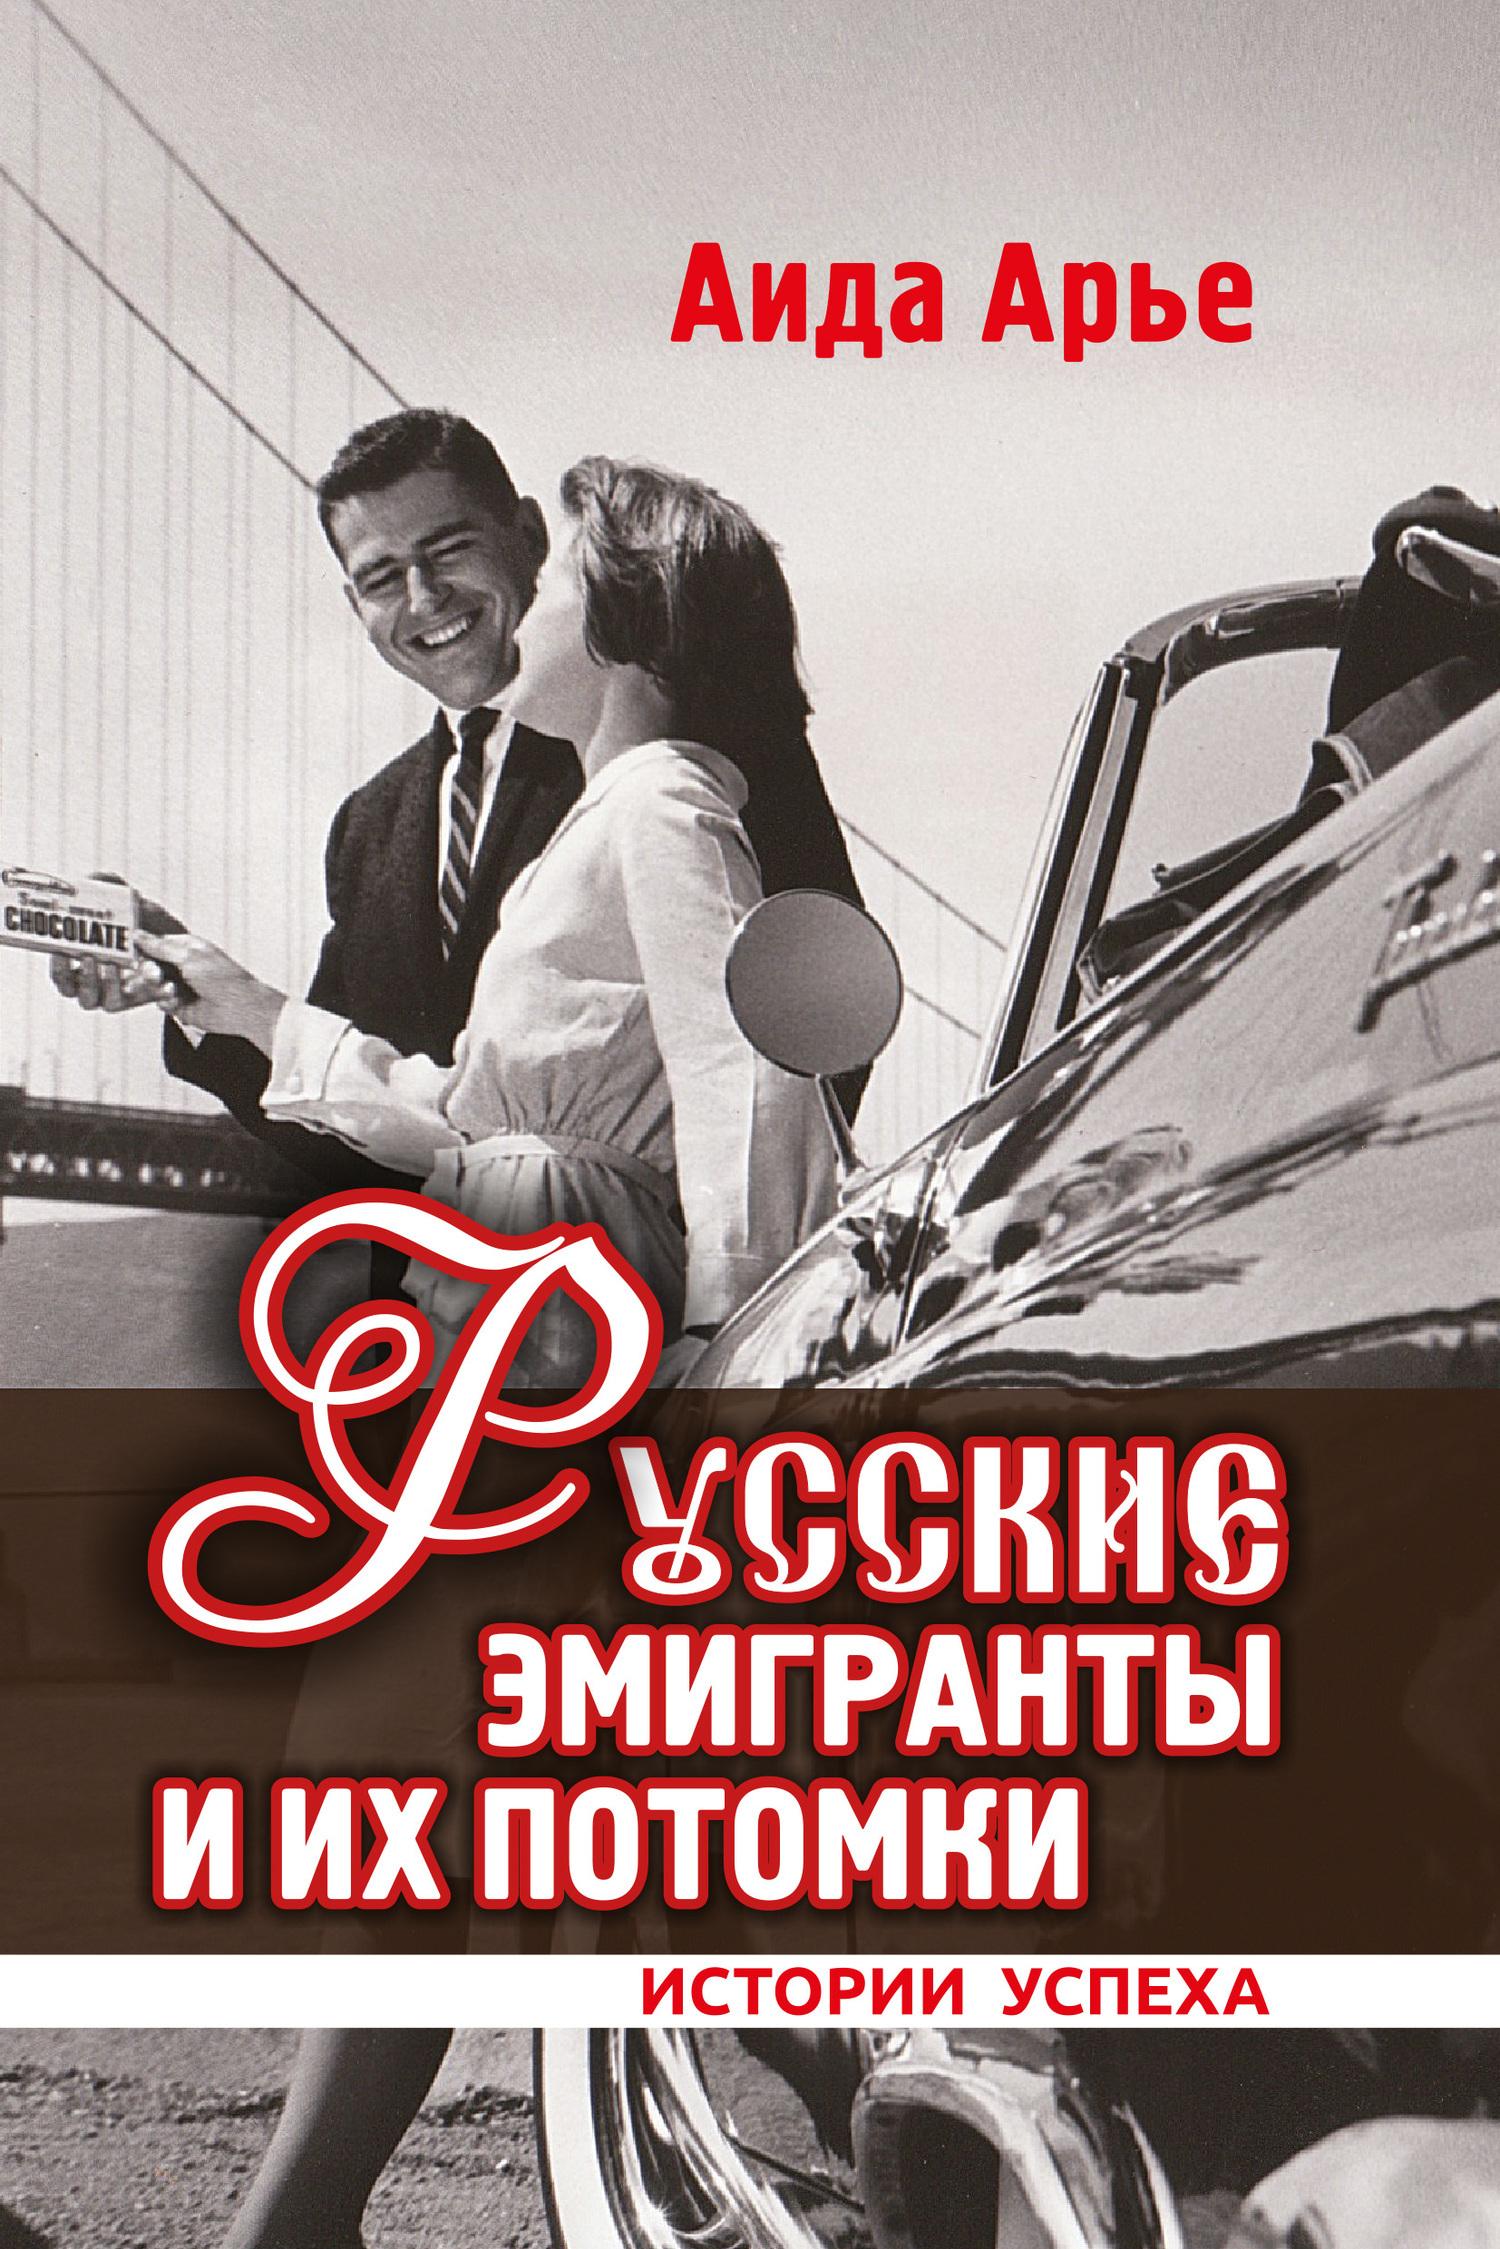 Обложка книги Русские эмигранты и их потомки. Истории успеха, автор Аида Арье